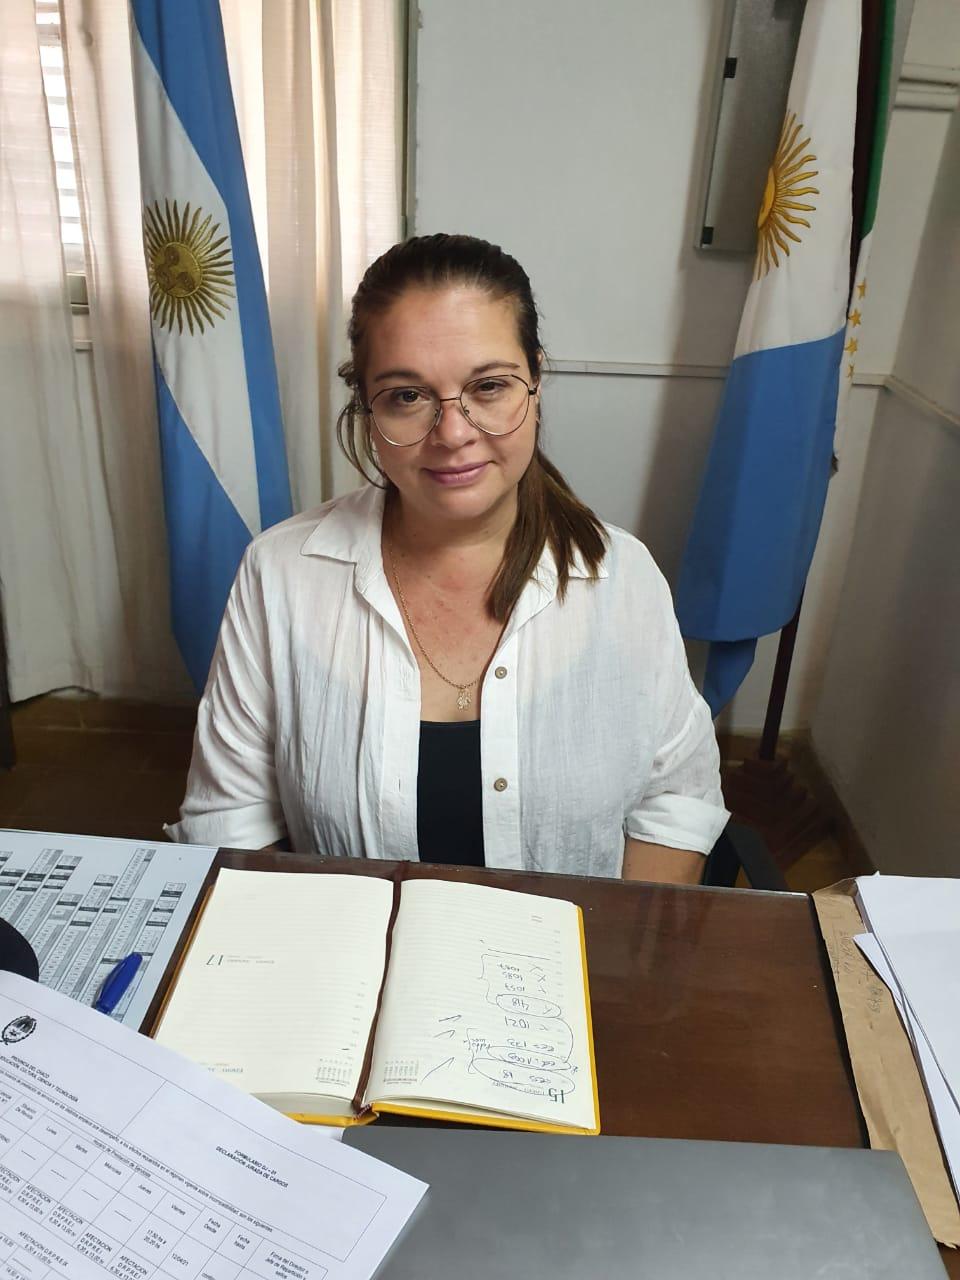 PROTOCOLOS CONTRA EL COVID-19: CÓMO AFECTA EN LAS INSTITUCIONES EDUCATIVAS DE LA ZONA